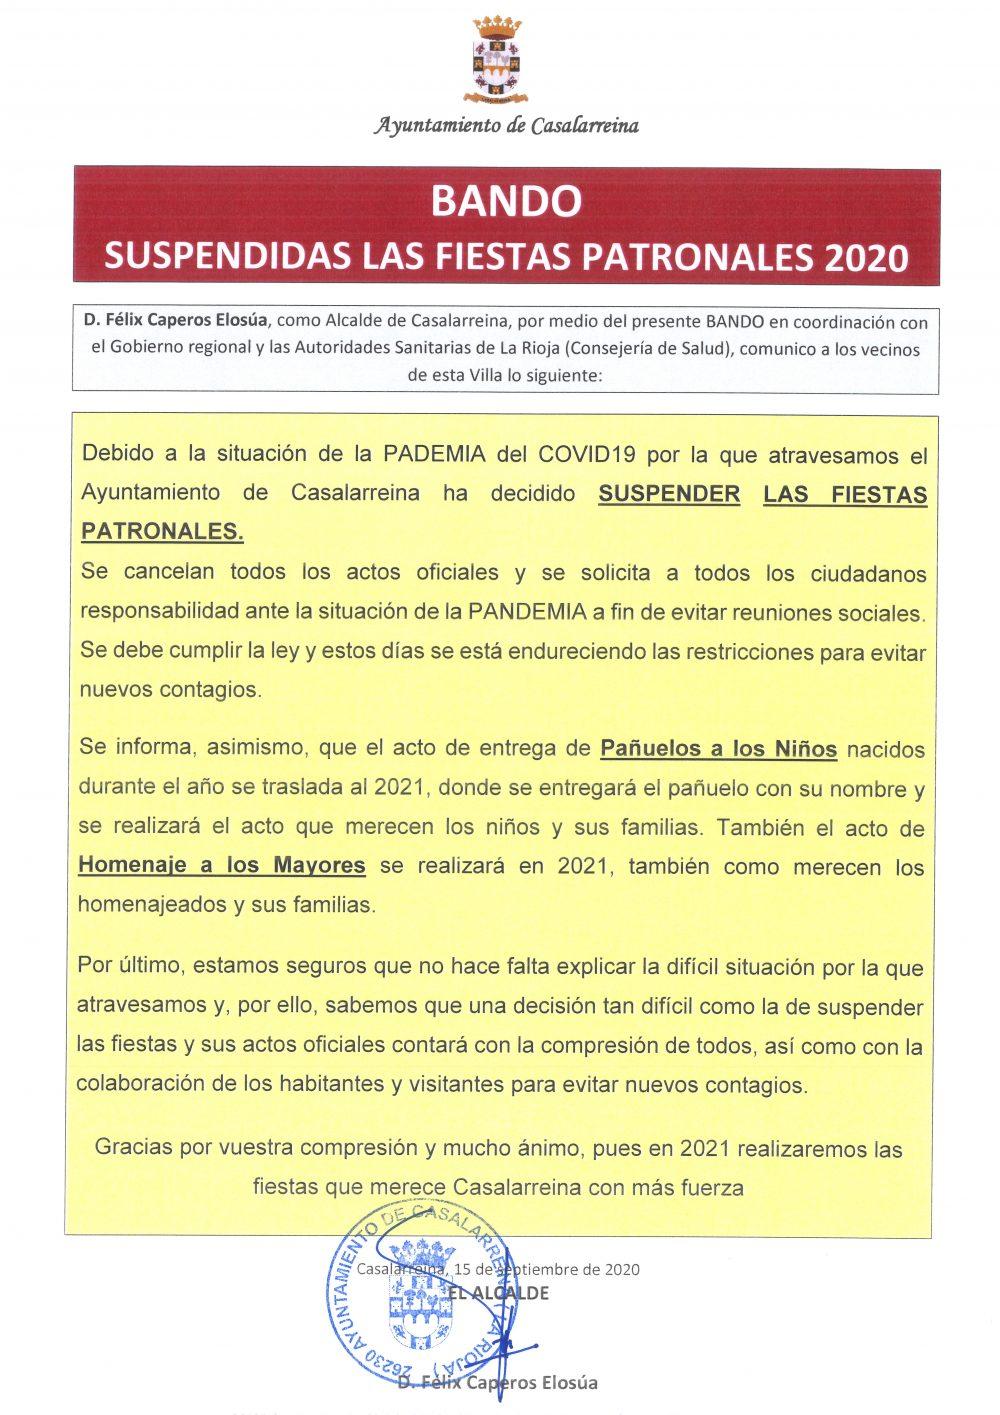 SUSPENSIÓN FIESTAS PATRONALES 2020